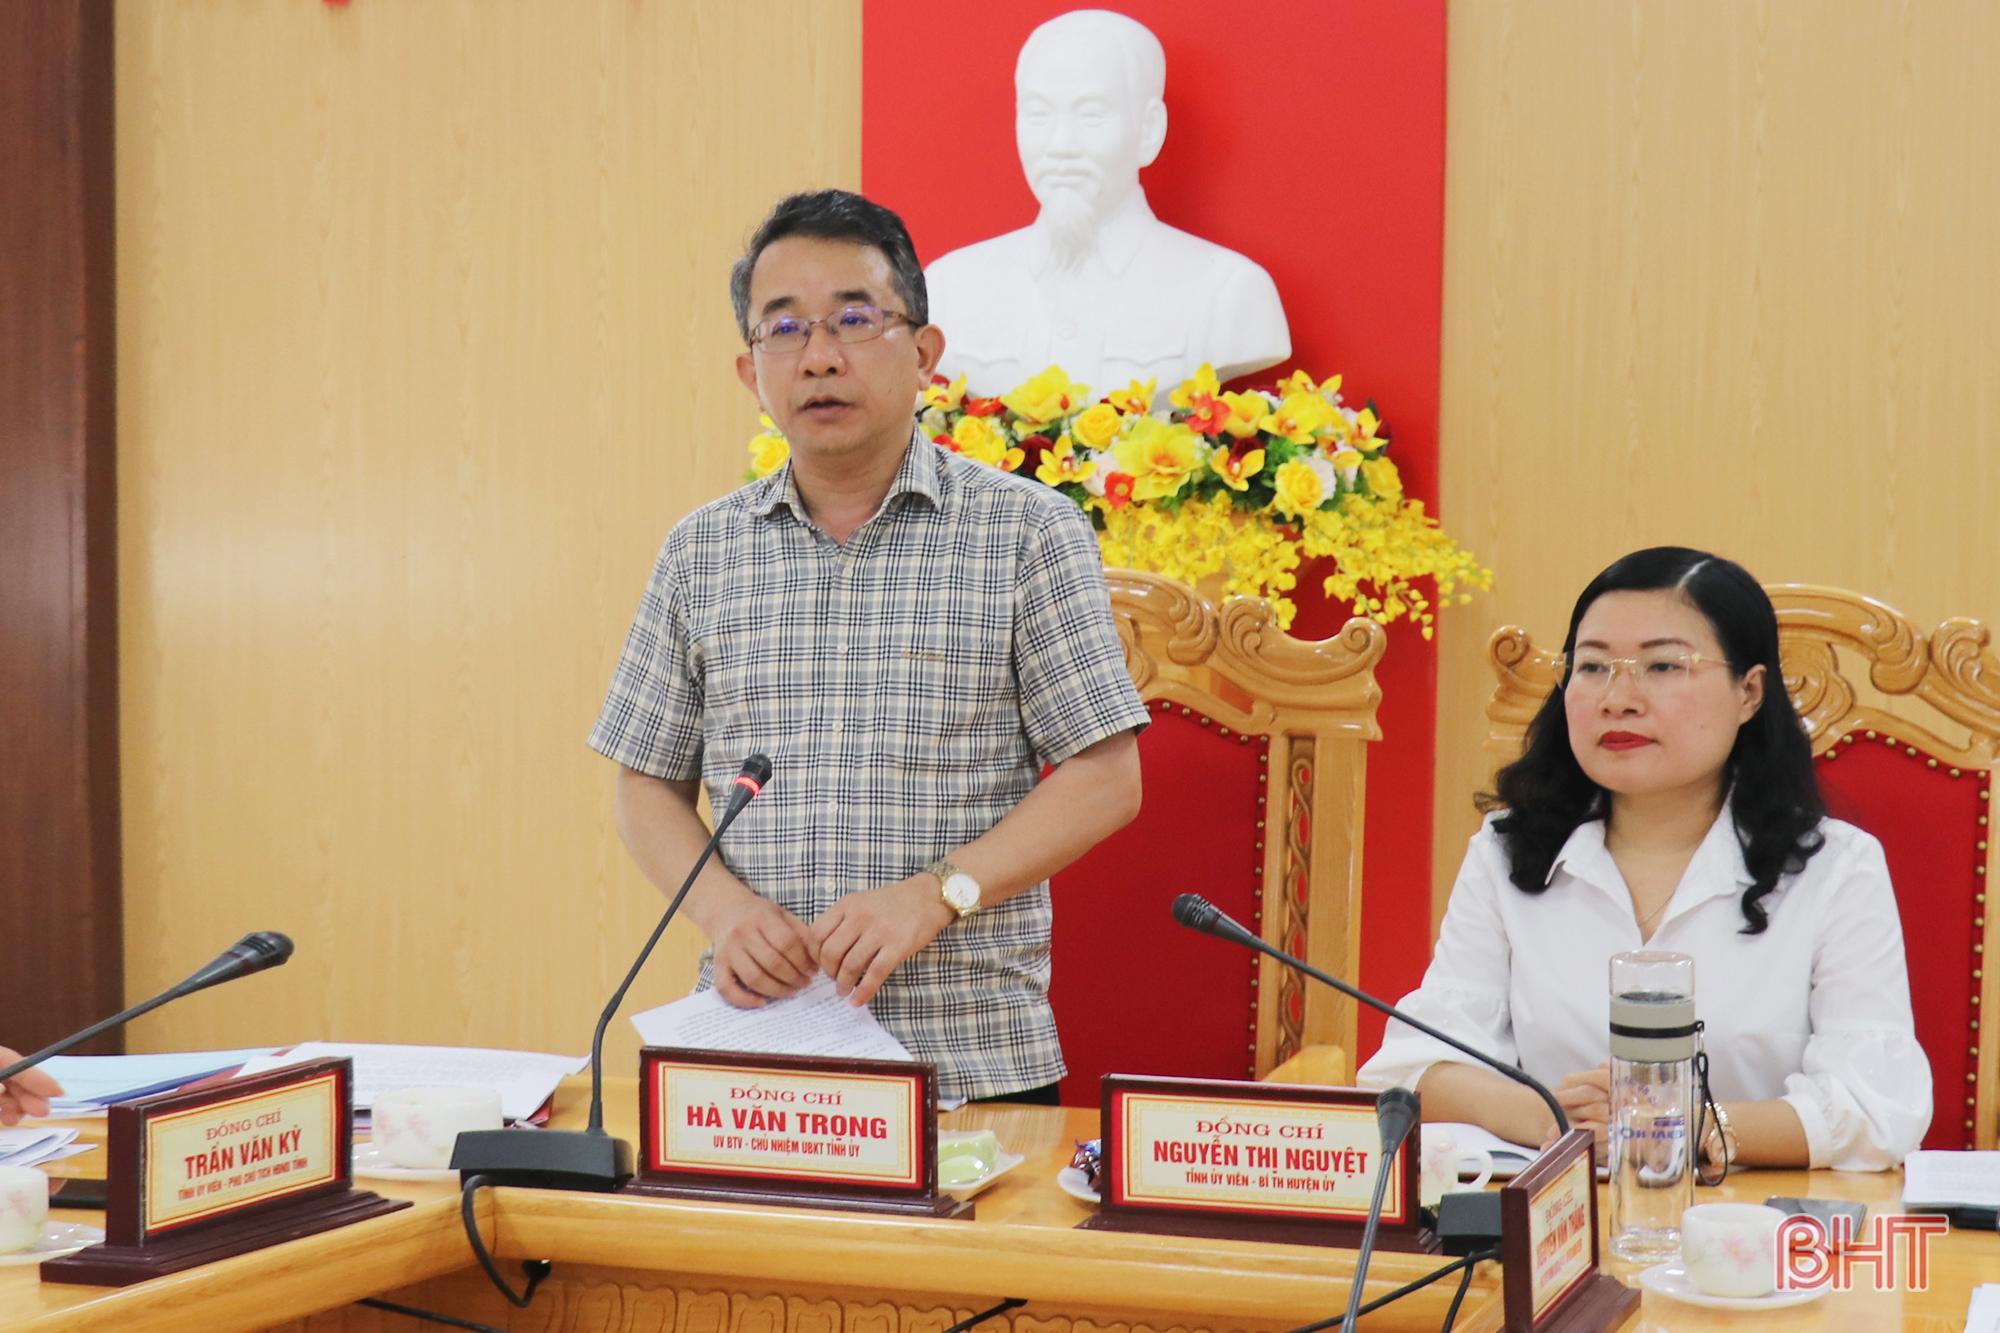 Thạch Hà cần chủ động các phương án về công tác nhân sự trong bầu cử